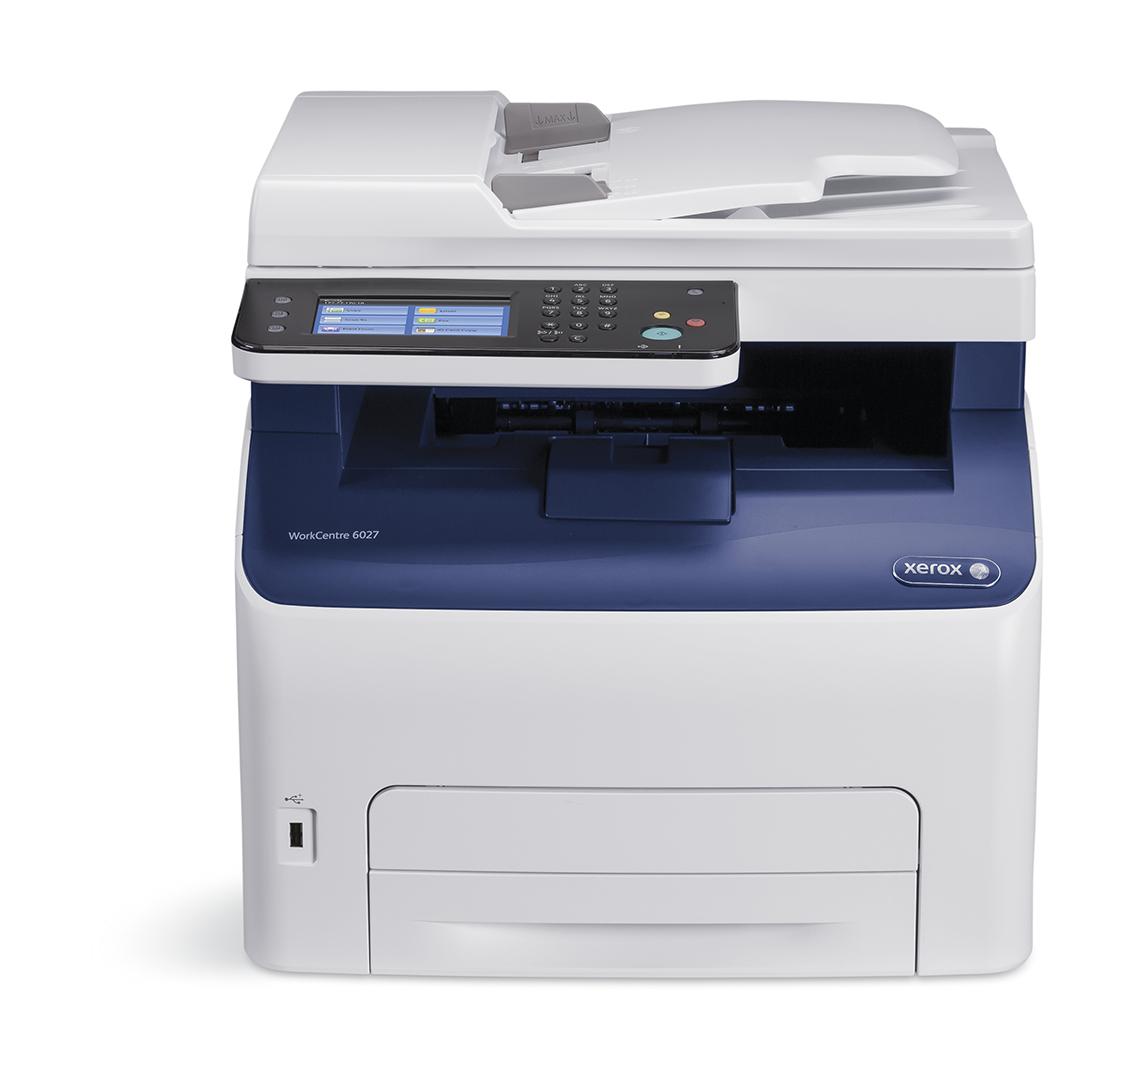 WorkCentre 6027V_NI - Color LED Multifunction Printer - LED - USB / Ethernet/ Wi-Fi